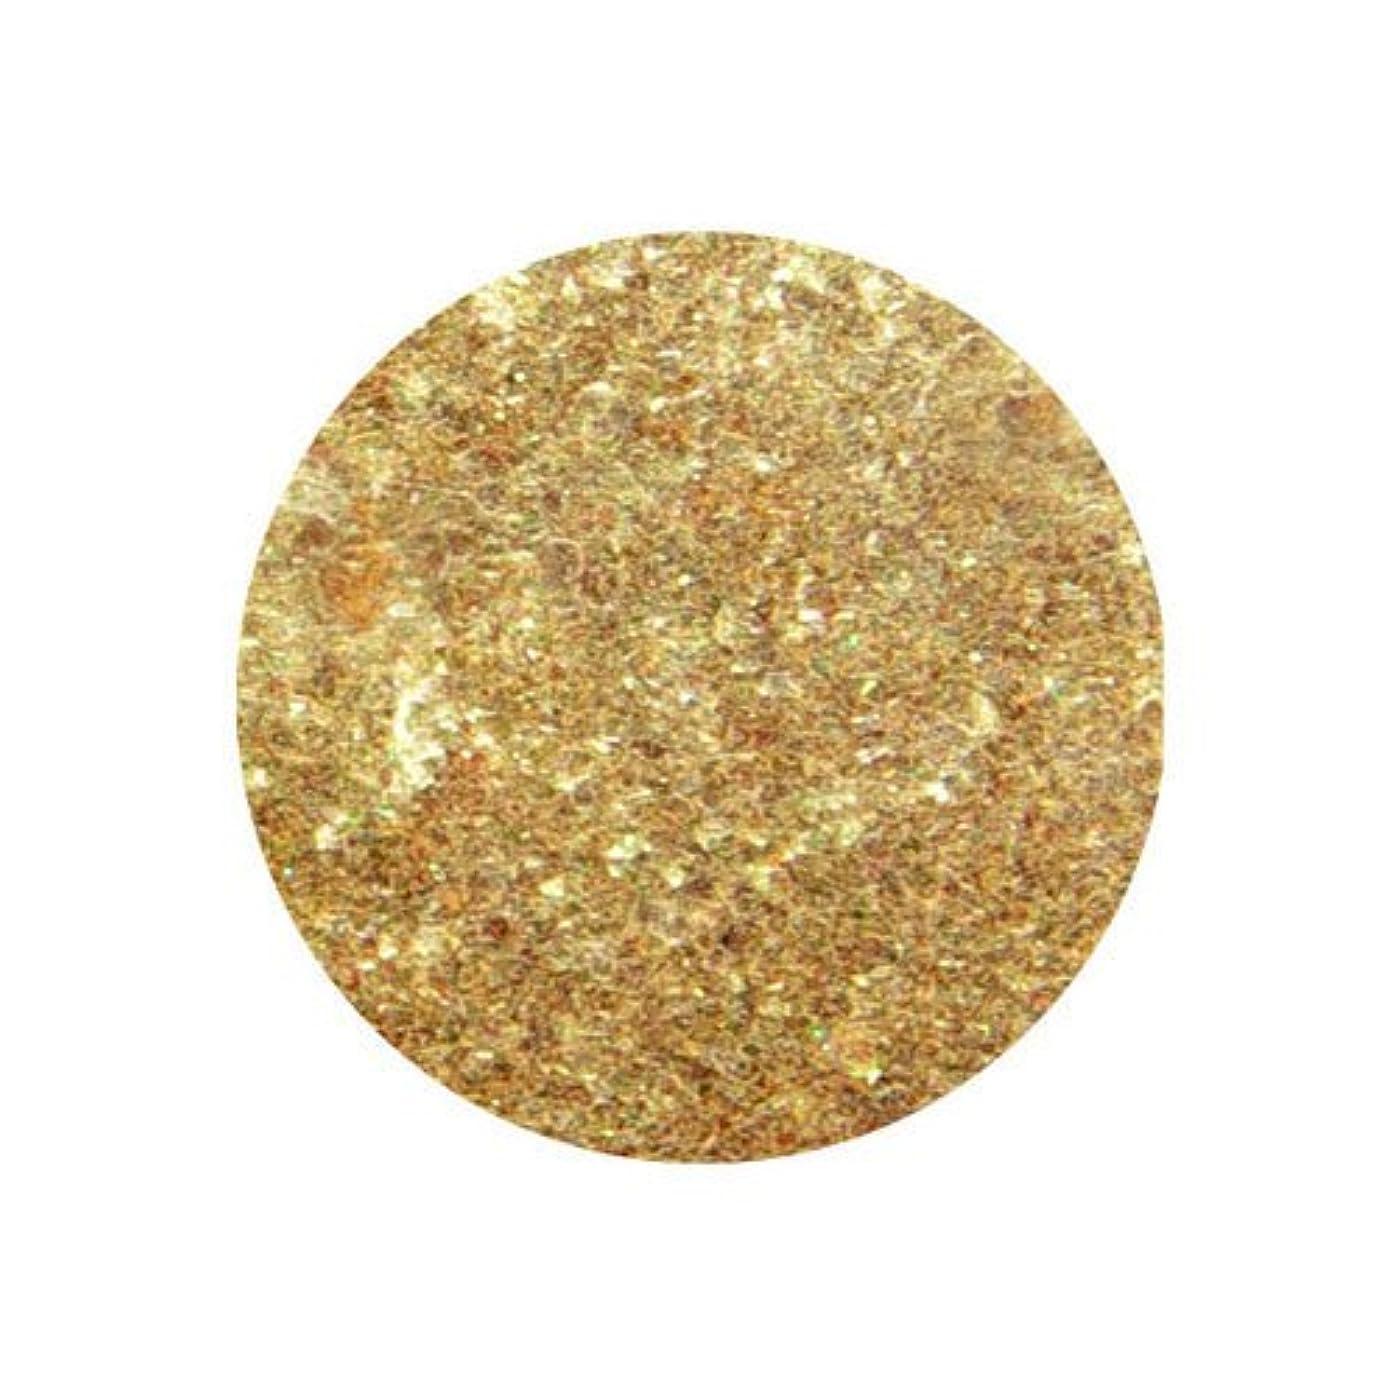 のスコアなしでびんピカエース クリスタルパール L #432-CKL ゴールド 0.5g アート材